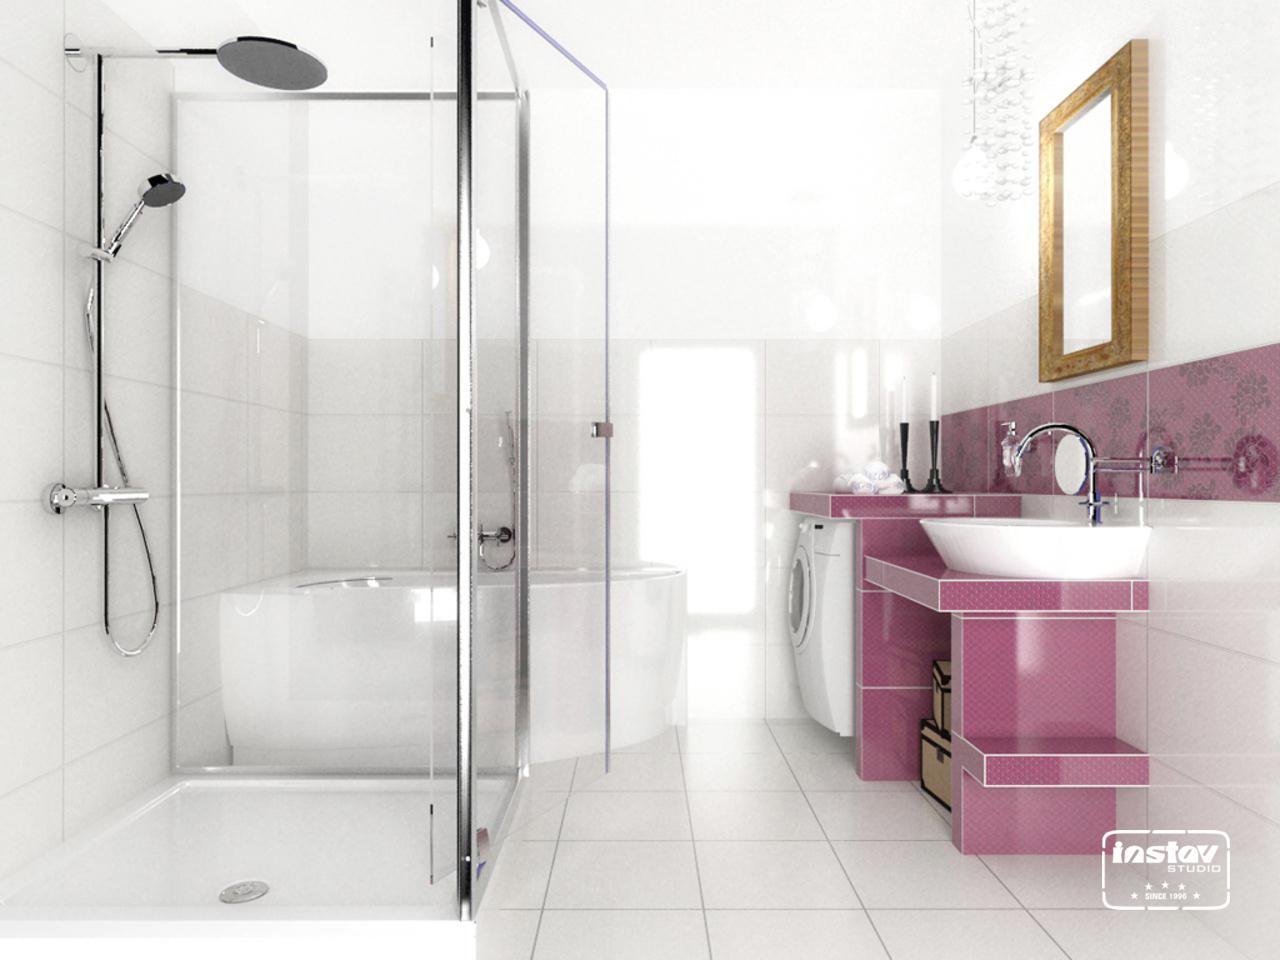 Vizualizácie kúpeľní - Vizualizácia kúpeľne - Baricello